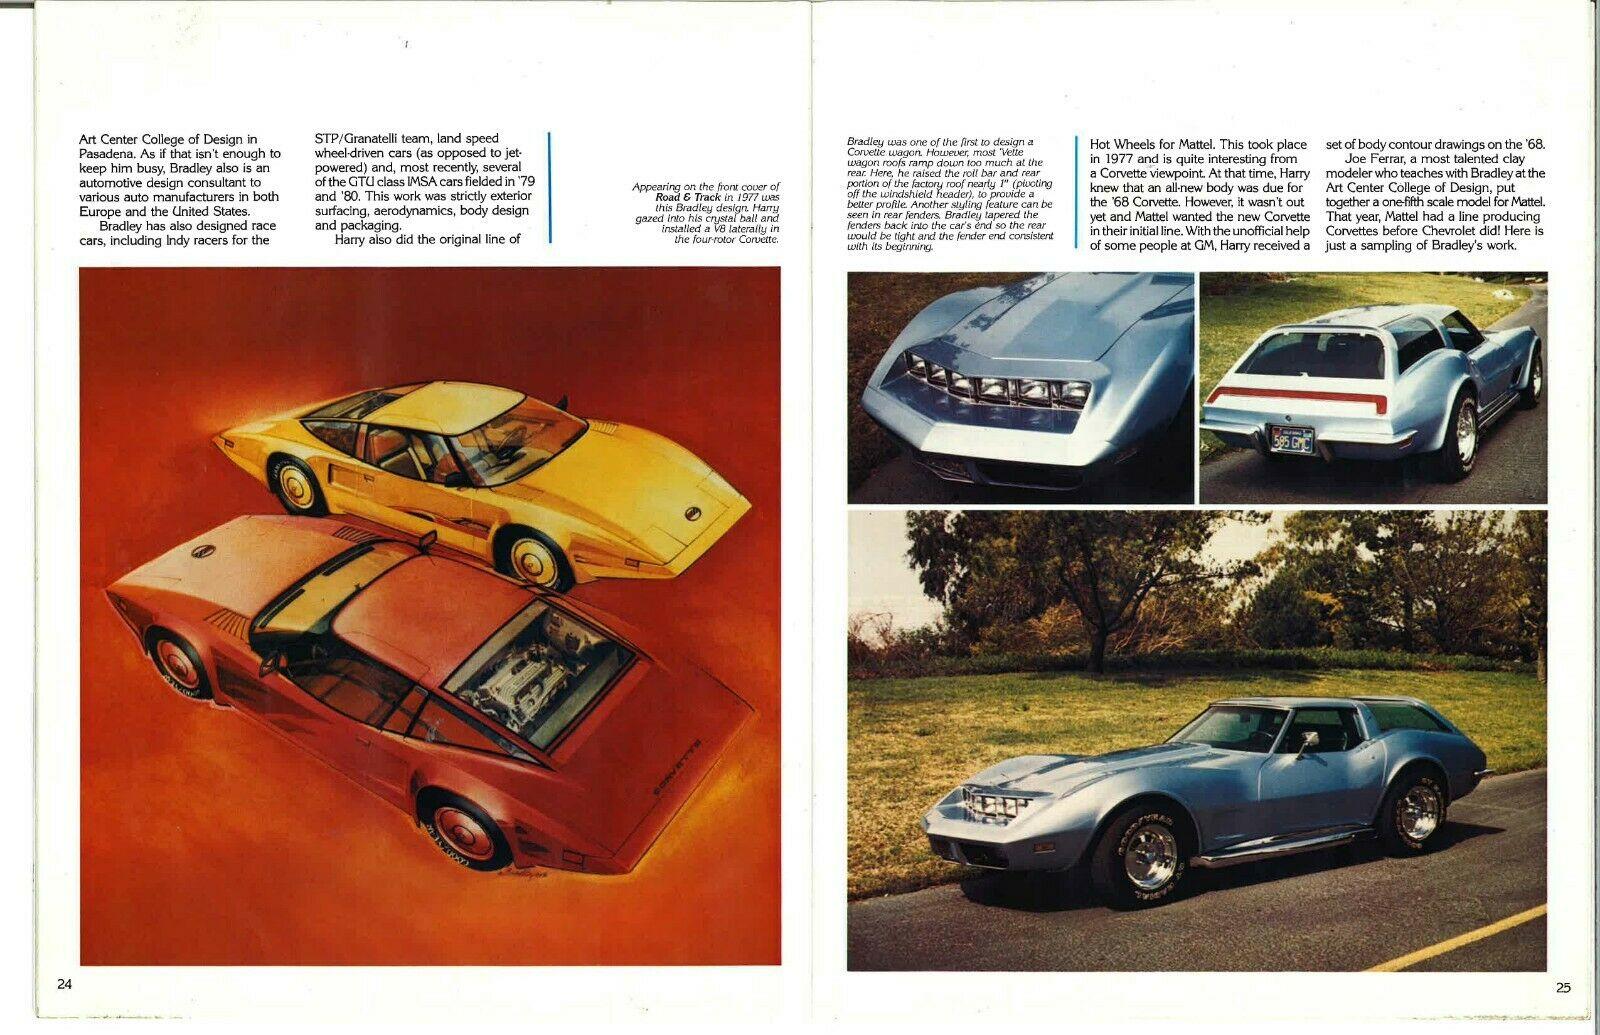 1973 Chevrolet Corvette Wagon profiled in a magazine